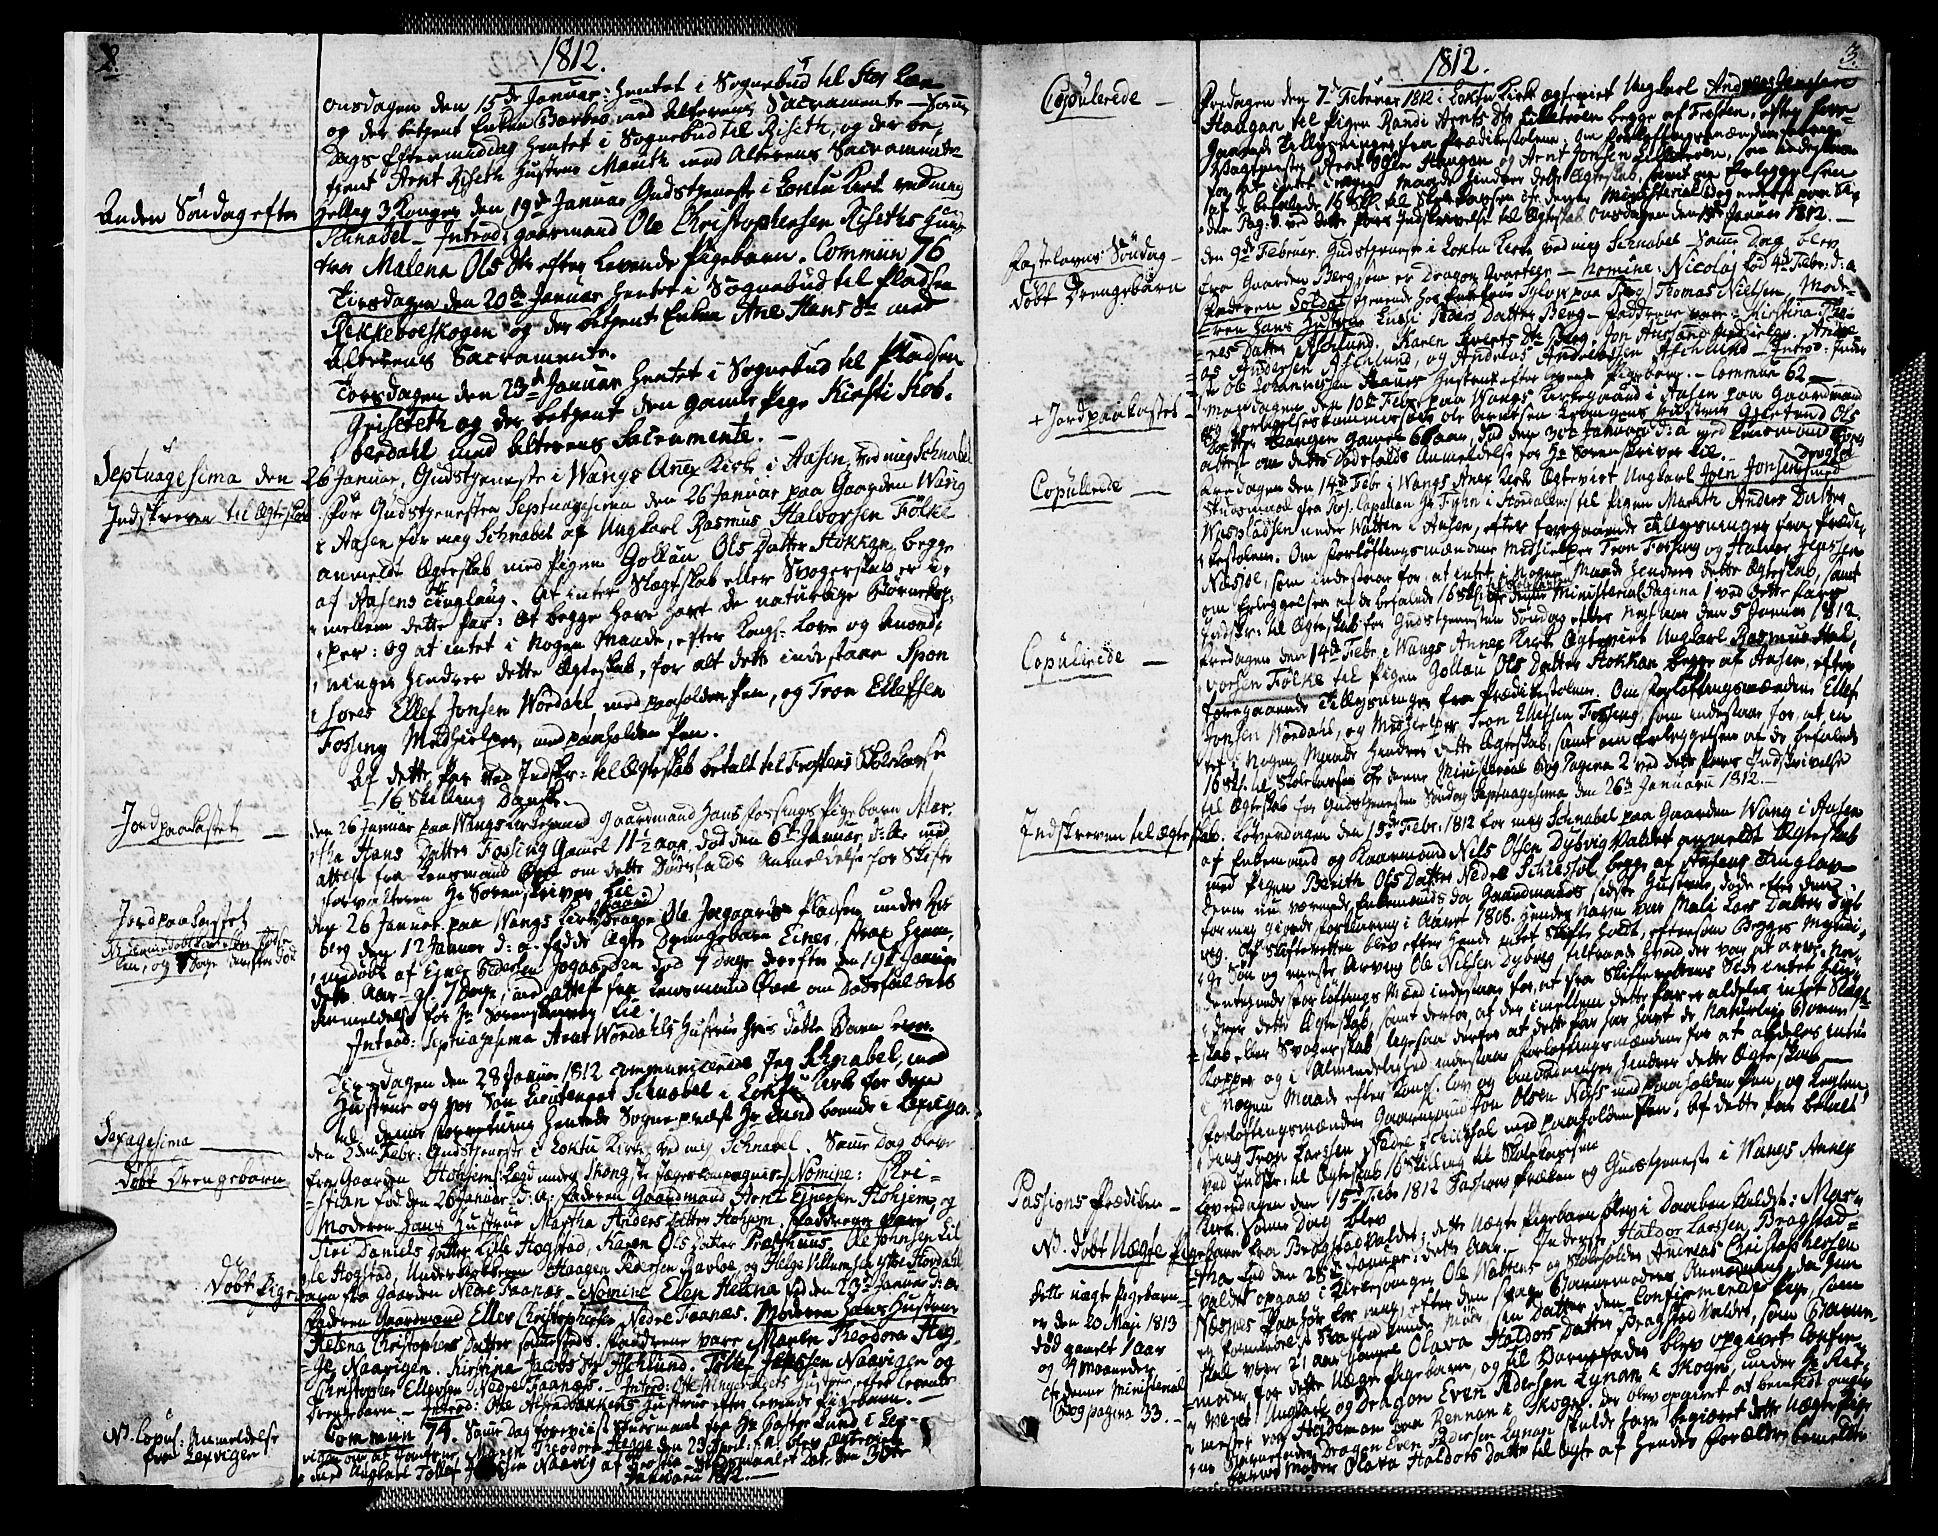 SAT, Ministerialprotokoller, klokkerbøker og fødselsregistre - Nord-Trøndelag, 713/L0111: Ministerialbok nr. 713A03, 1812-1816, s. 2-3